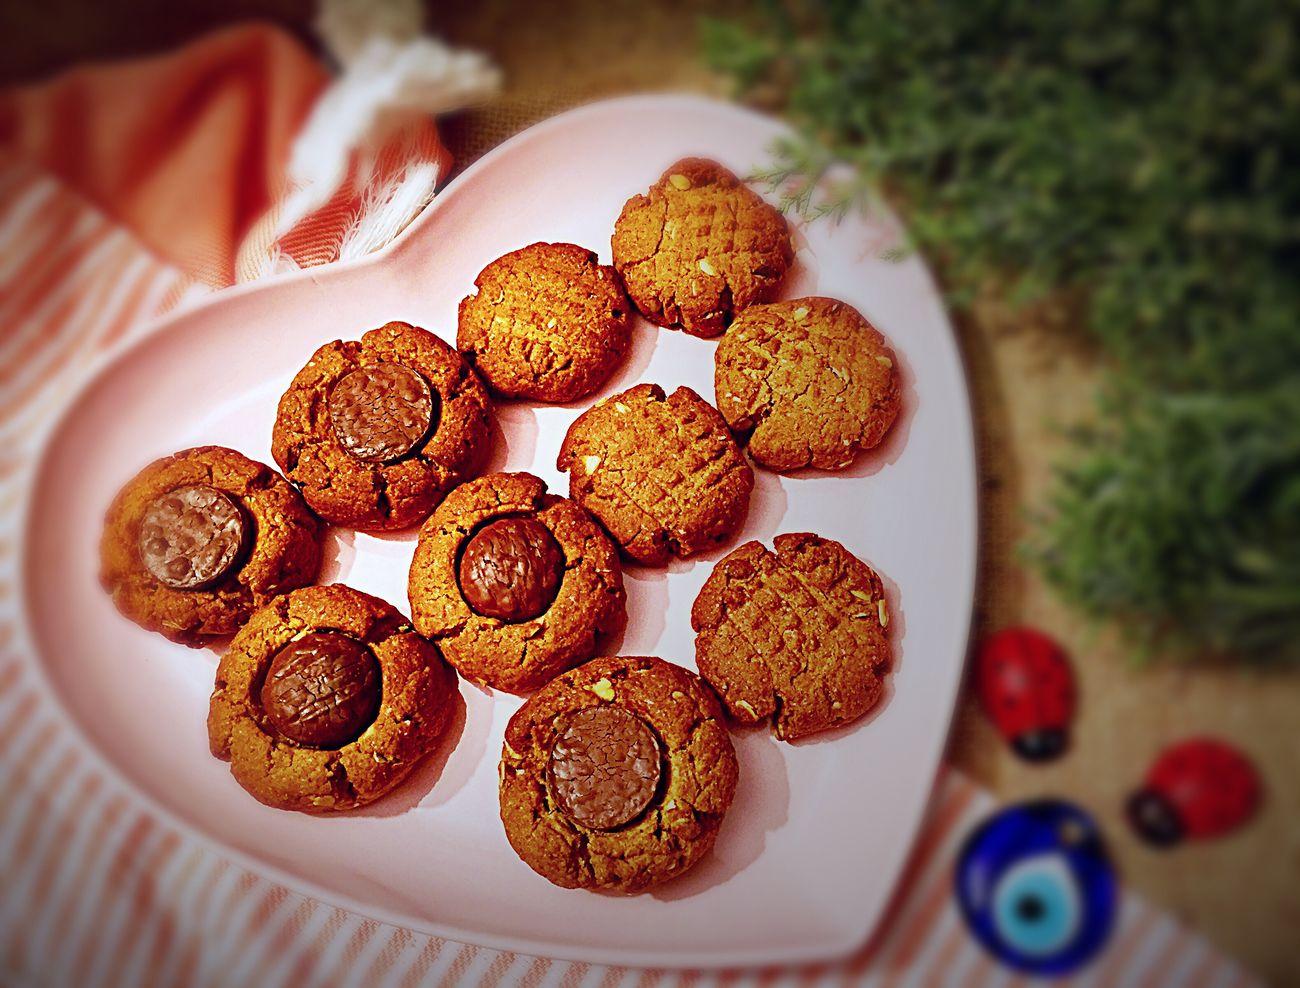 Ağızda dağılan enfesss kurabiyeler 🍪 ister çayla ister kahveyle yada bi' bardak sıcak sütle nefis 😋 oluyor 😍👍🏿 Food SevinçinLezzetDefteri SevinçYiğitArabacı EyeEm Gallery EyeEm Best Shots Foodphotography Cookies Yummy Like4like Dessert Istanbul Turkey Delicious Kurabiyecanavarı Kurabiye LezzetKüpü JoysTasteBook